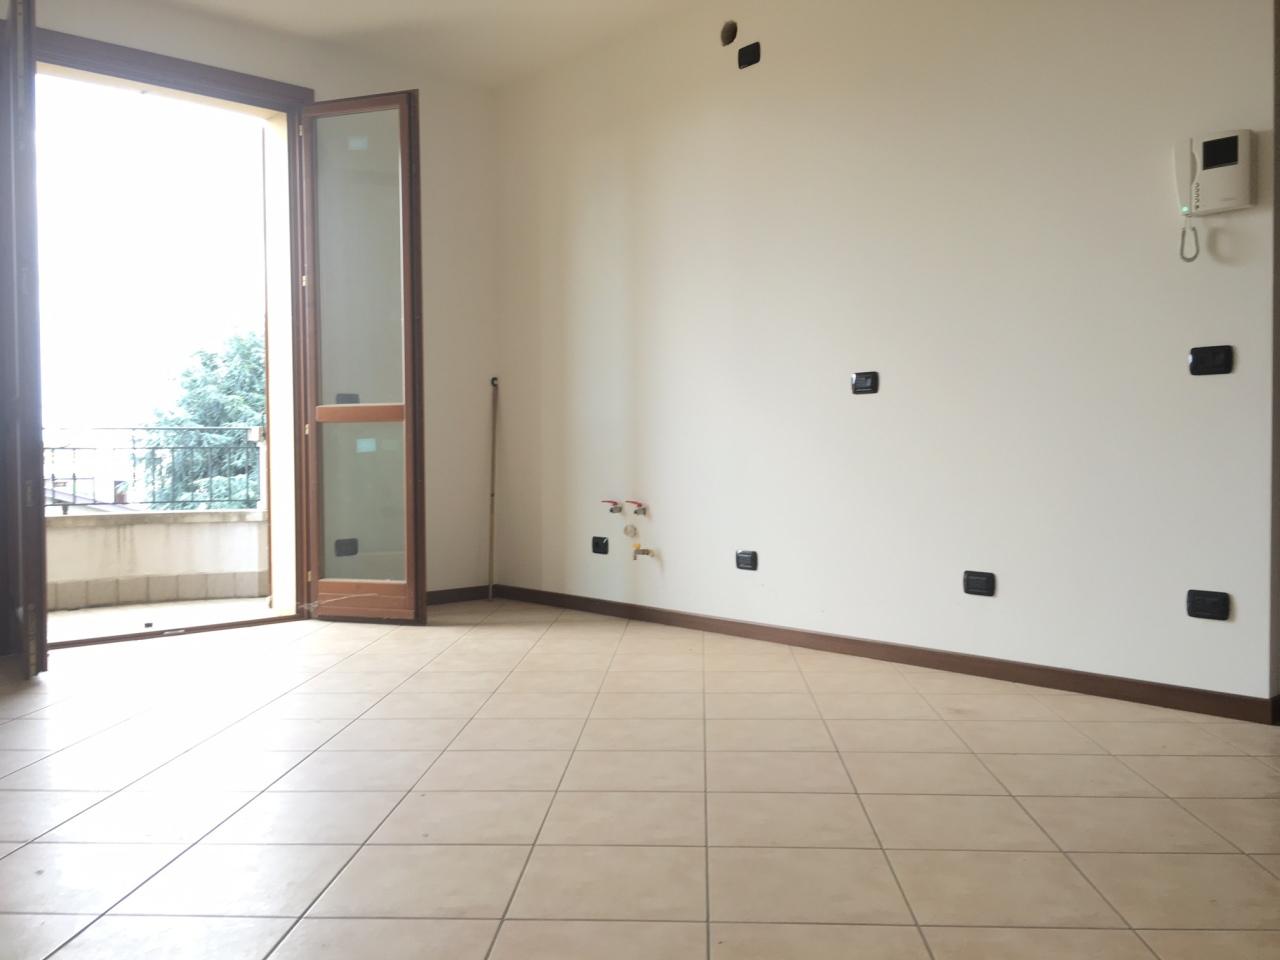 Appartamento in vendita a Coccaglio, 2 locali, prezzo € 79.000   Cambio Casa.it